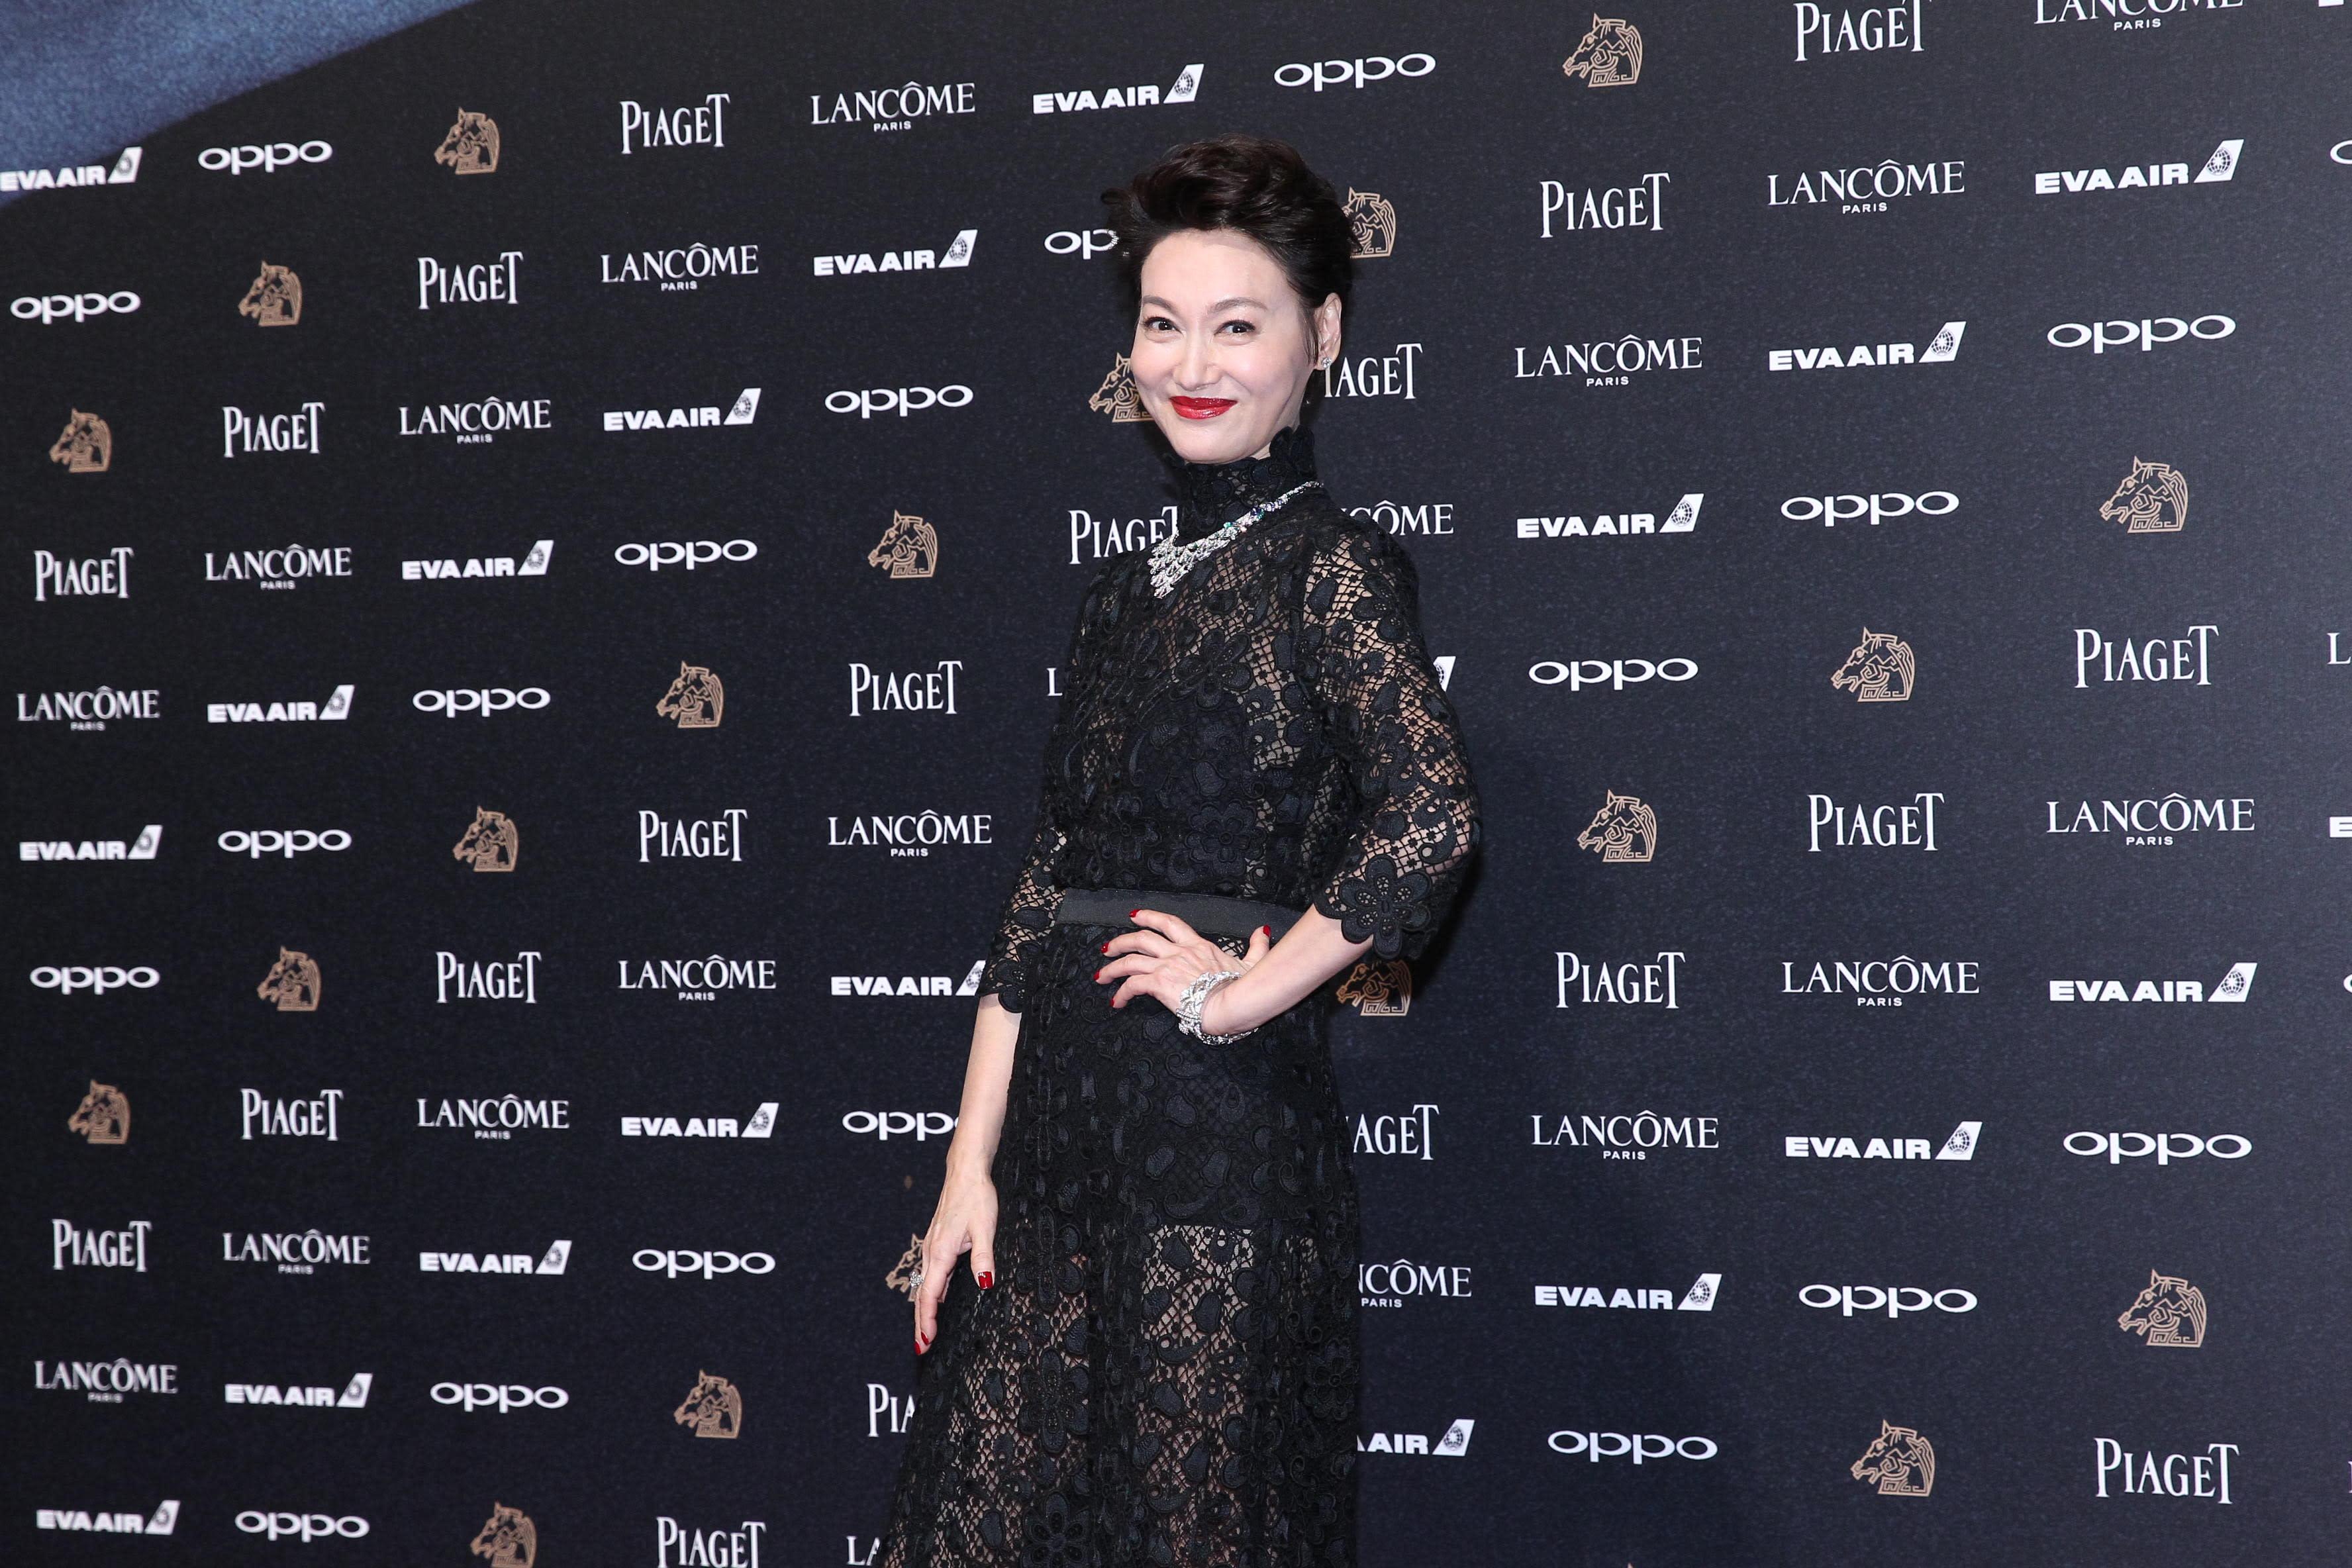 <p>資深香港演員惠英紅,以電影《血觀音》入圍本屆金馬獎最佳女主角。她一身襲黑色蕾絲長袖禮服,襯托出頸間的白鑽超亮眼,站上紅毯顯得霸氣十足!(影像提供:達志影像) </p>